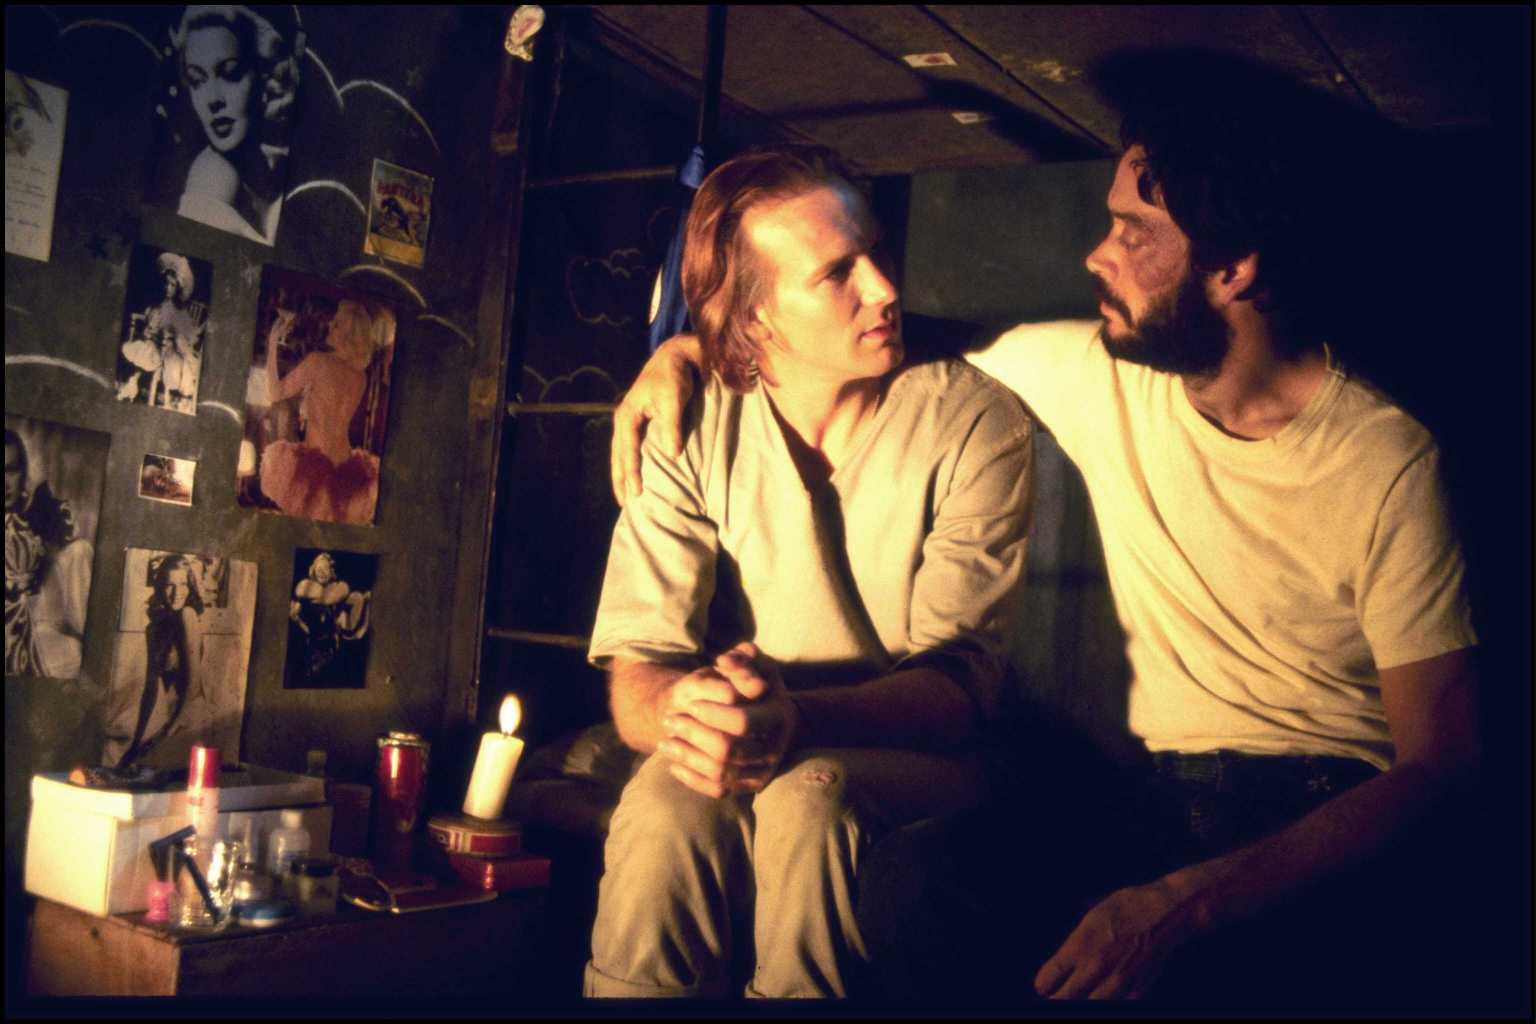 Il bacio della donna ragno: William Hurt e Raul Julia in una scena del film